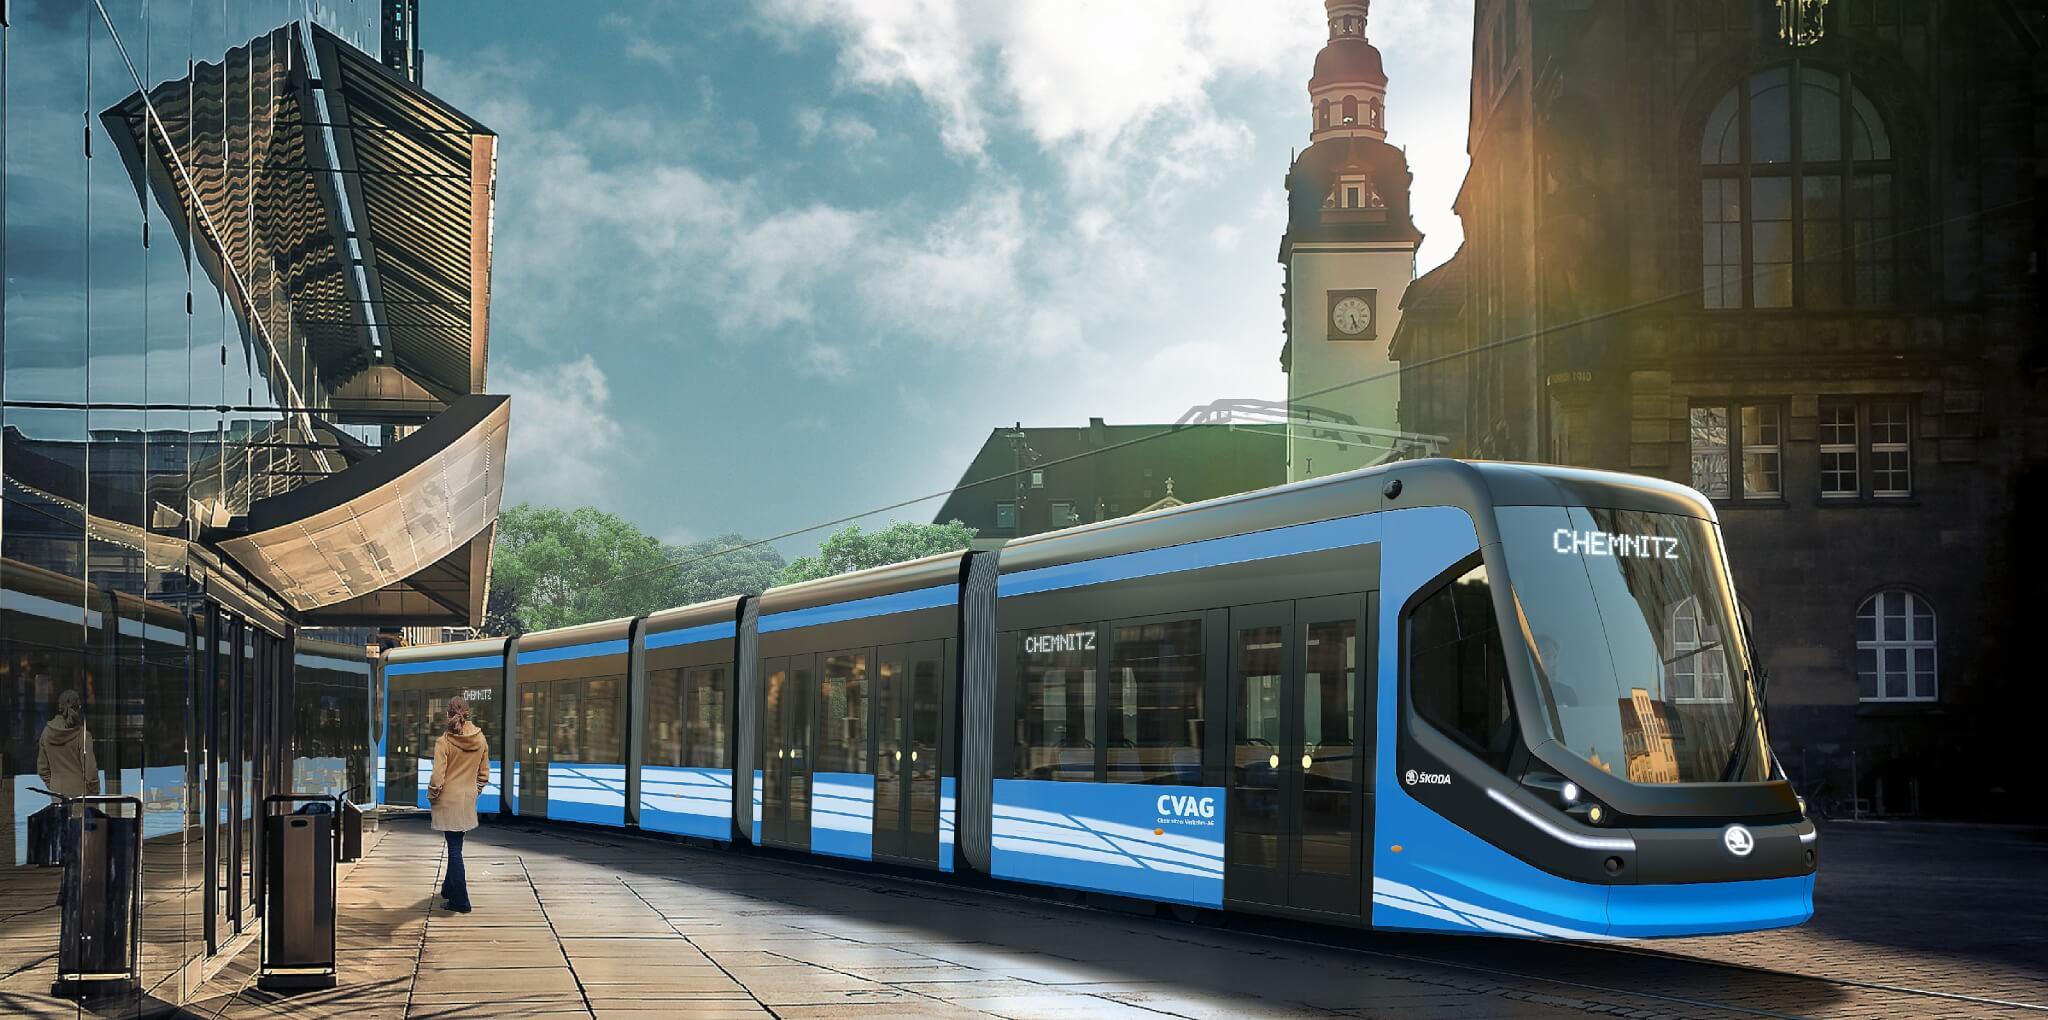 Skoda Win Chemnitz Tram Contract | Railway News